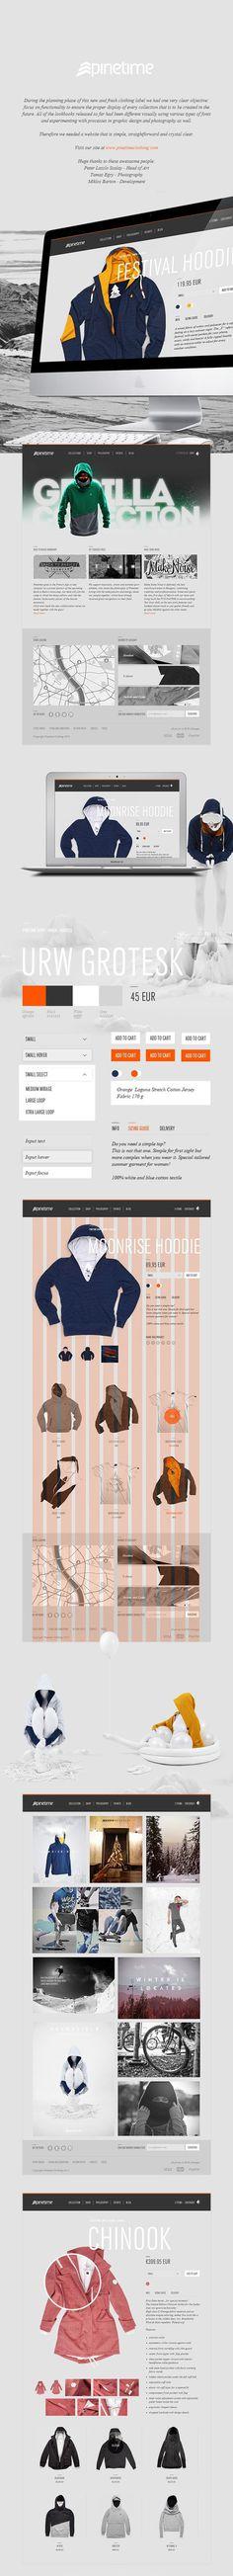 Pinetime Clothing Webdesign #ui